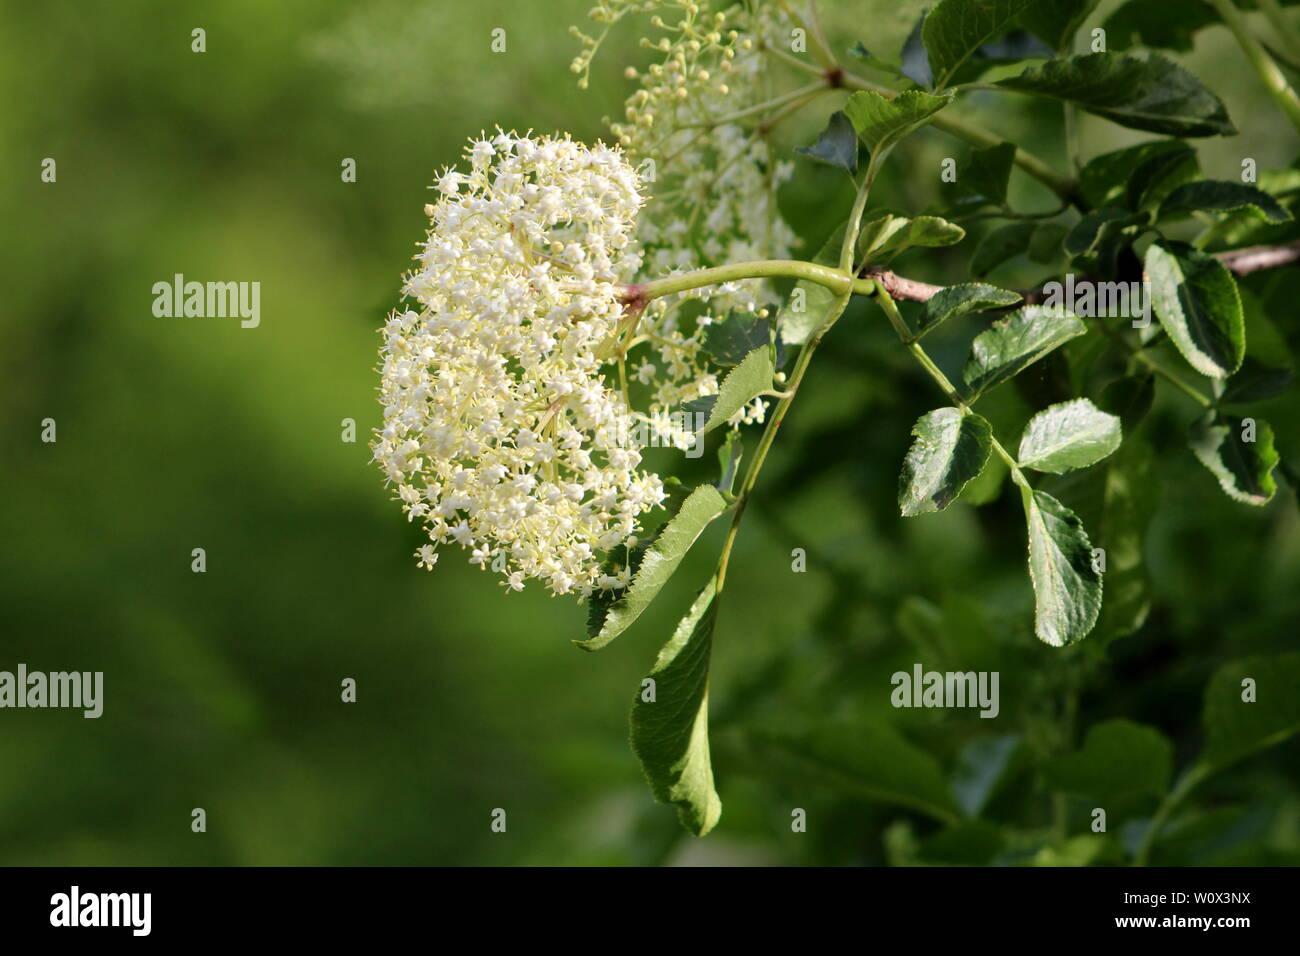 Elderberry Or Sambucus Or Elder Tree Large Cluster Of Small White